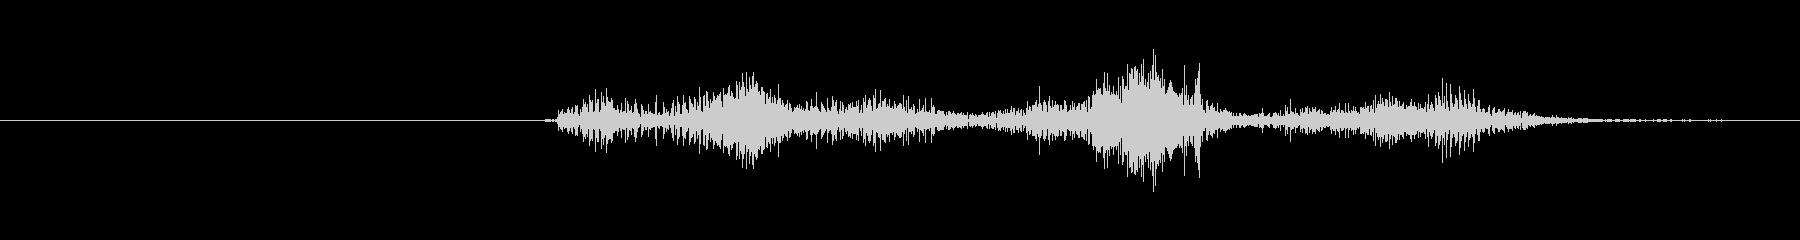 ジッパー音(速め)の未再生の波形